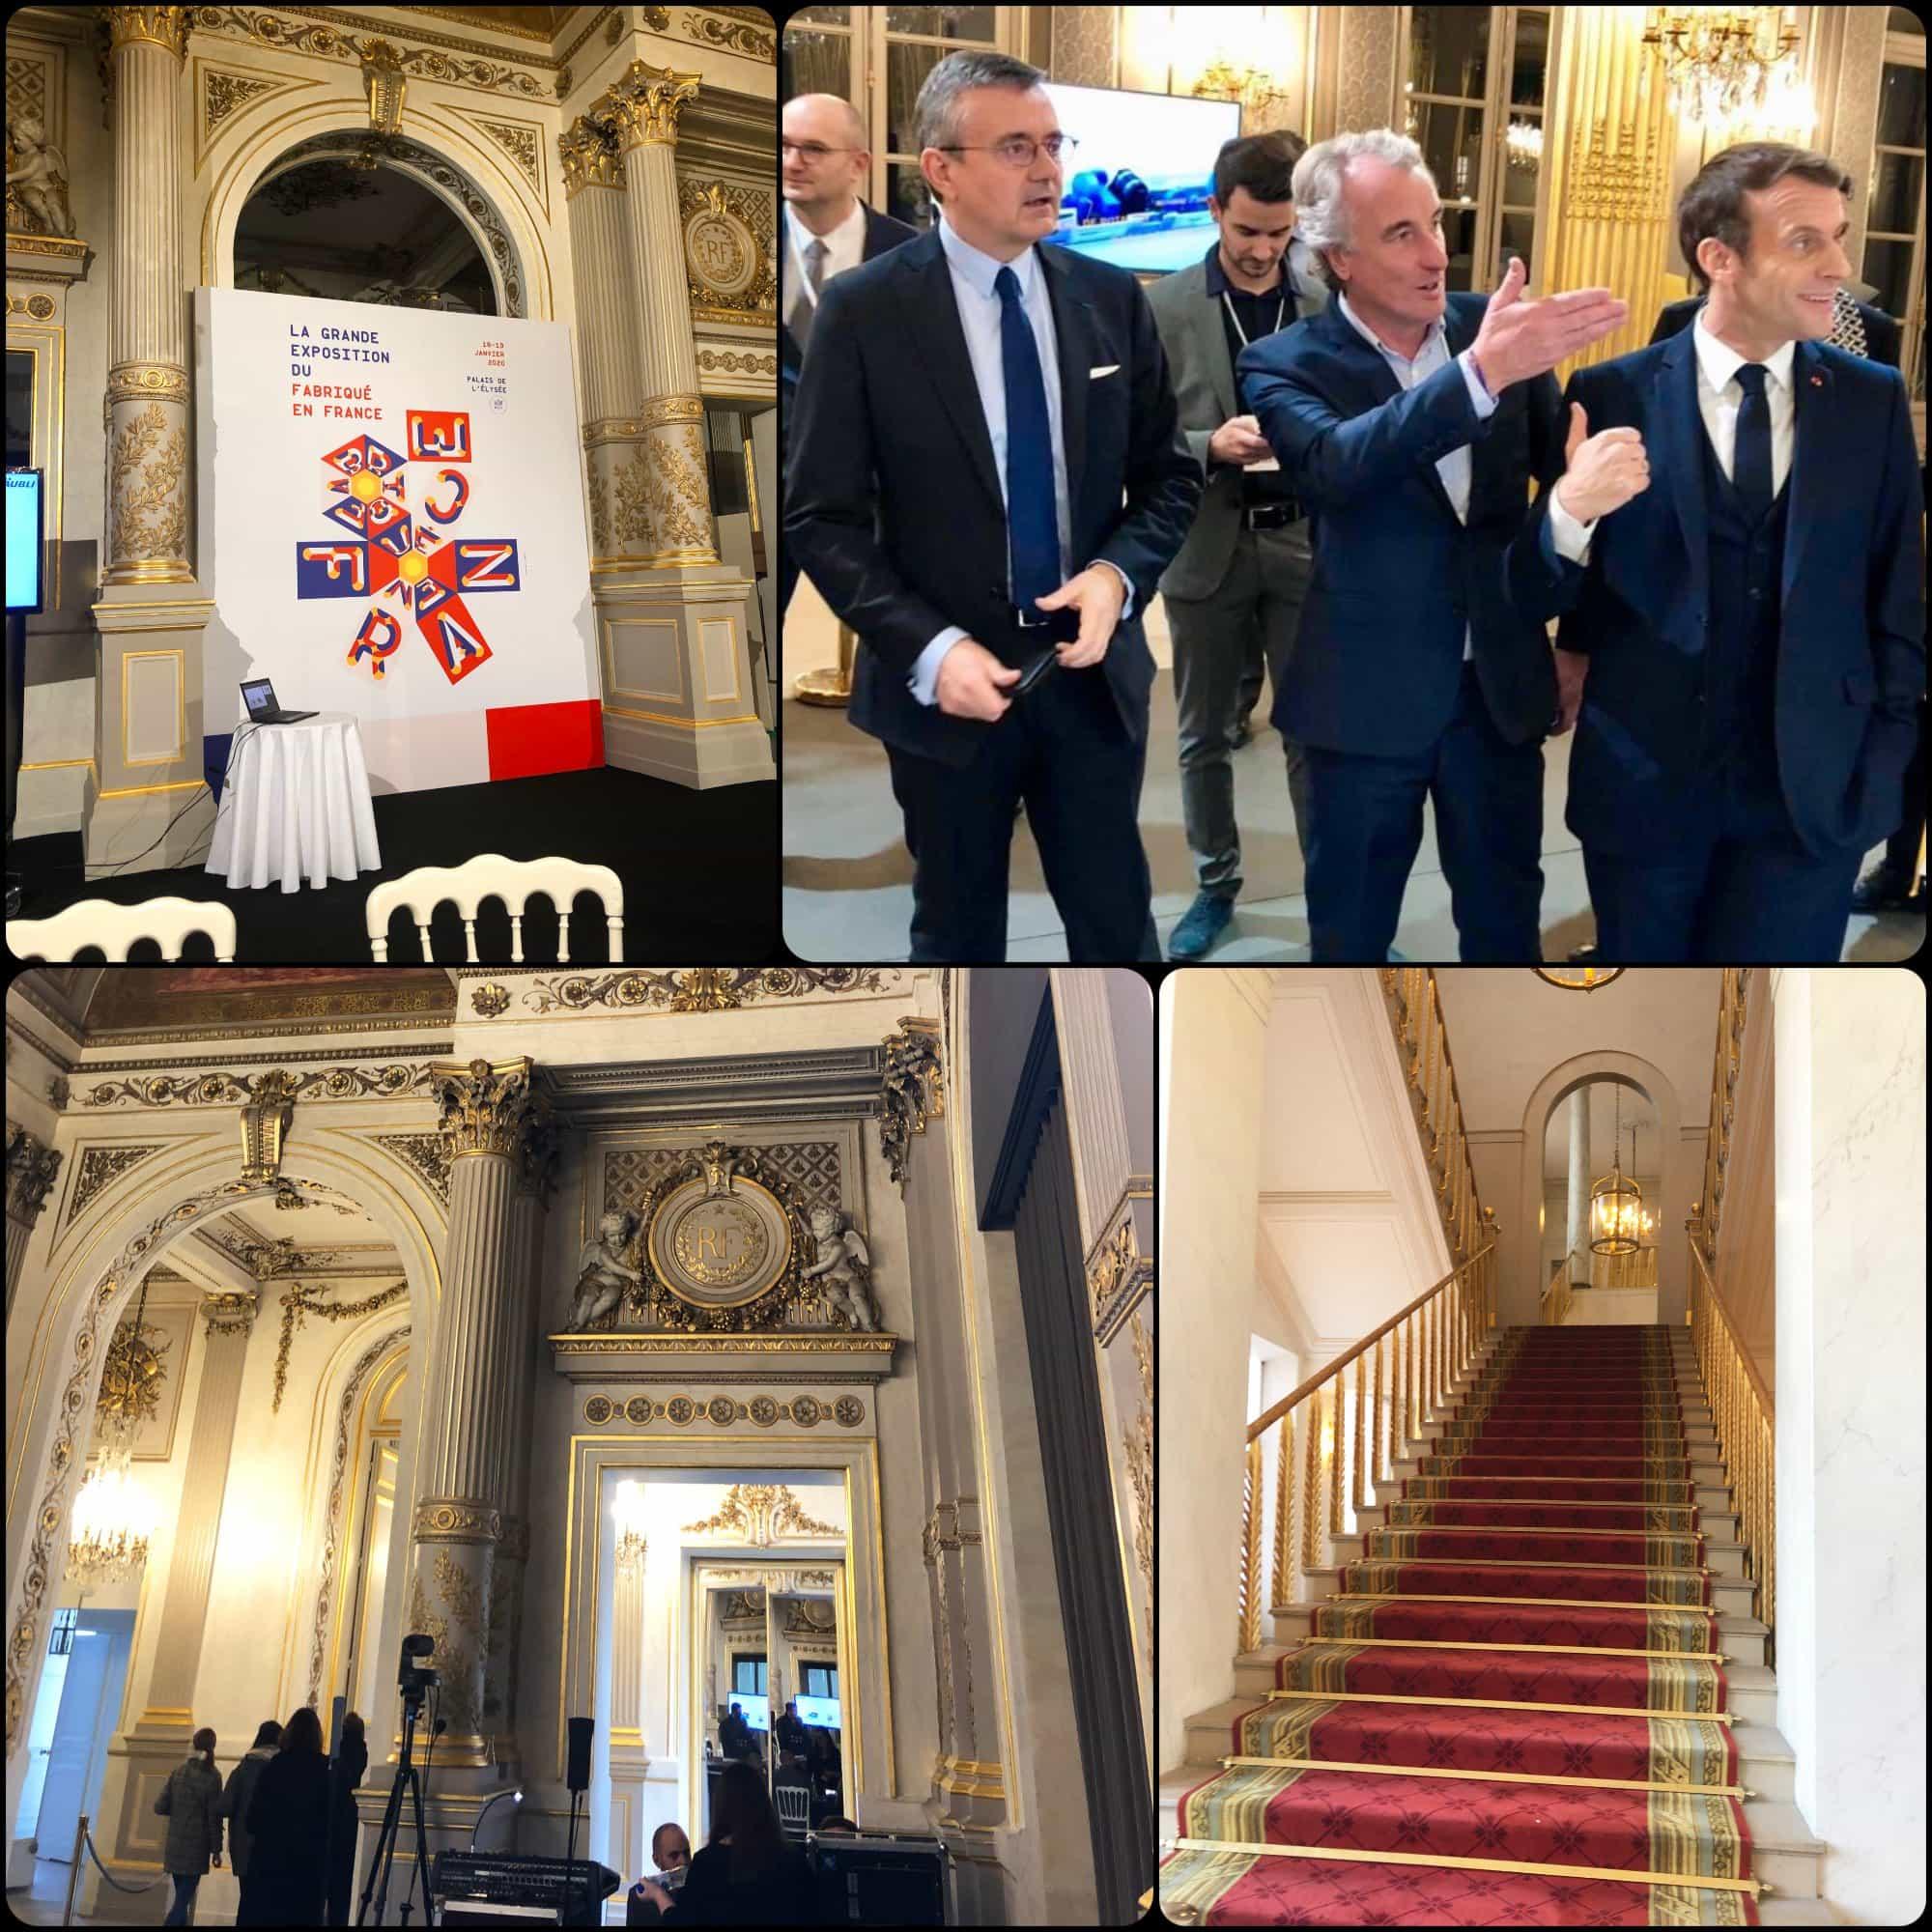 Emmanuel and Brigitte Macron - Grand Exhibition opening at Elysée. Fabriqué en France à Présidence de la République par RUNWAY MAGAZINE